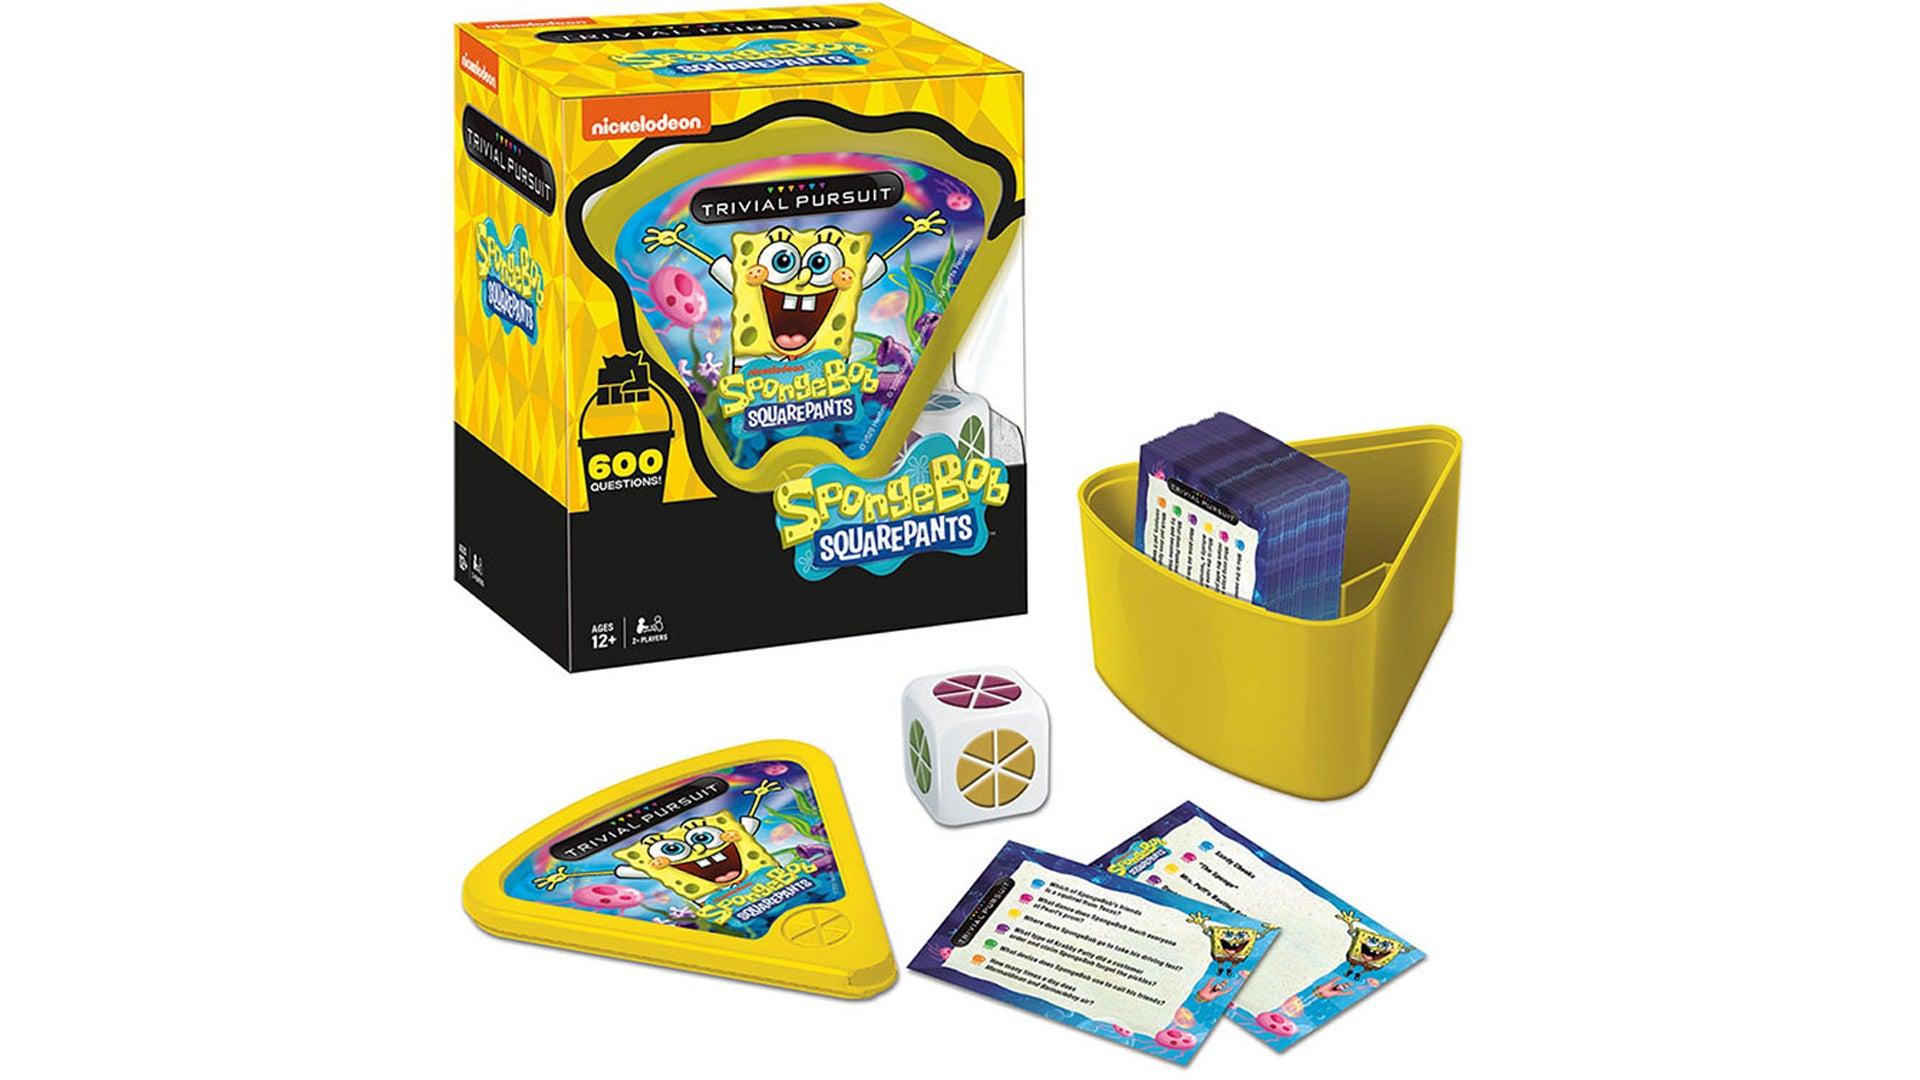 Trivial Pursuit: Spongebob Squarepants board game layout